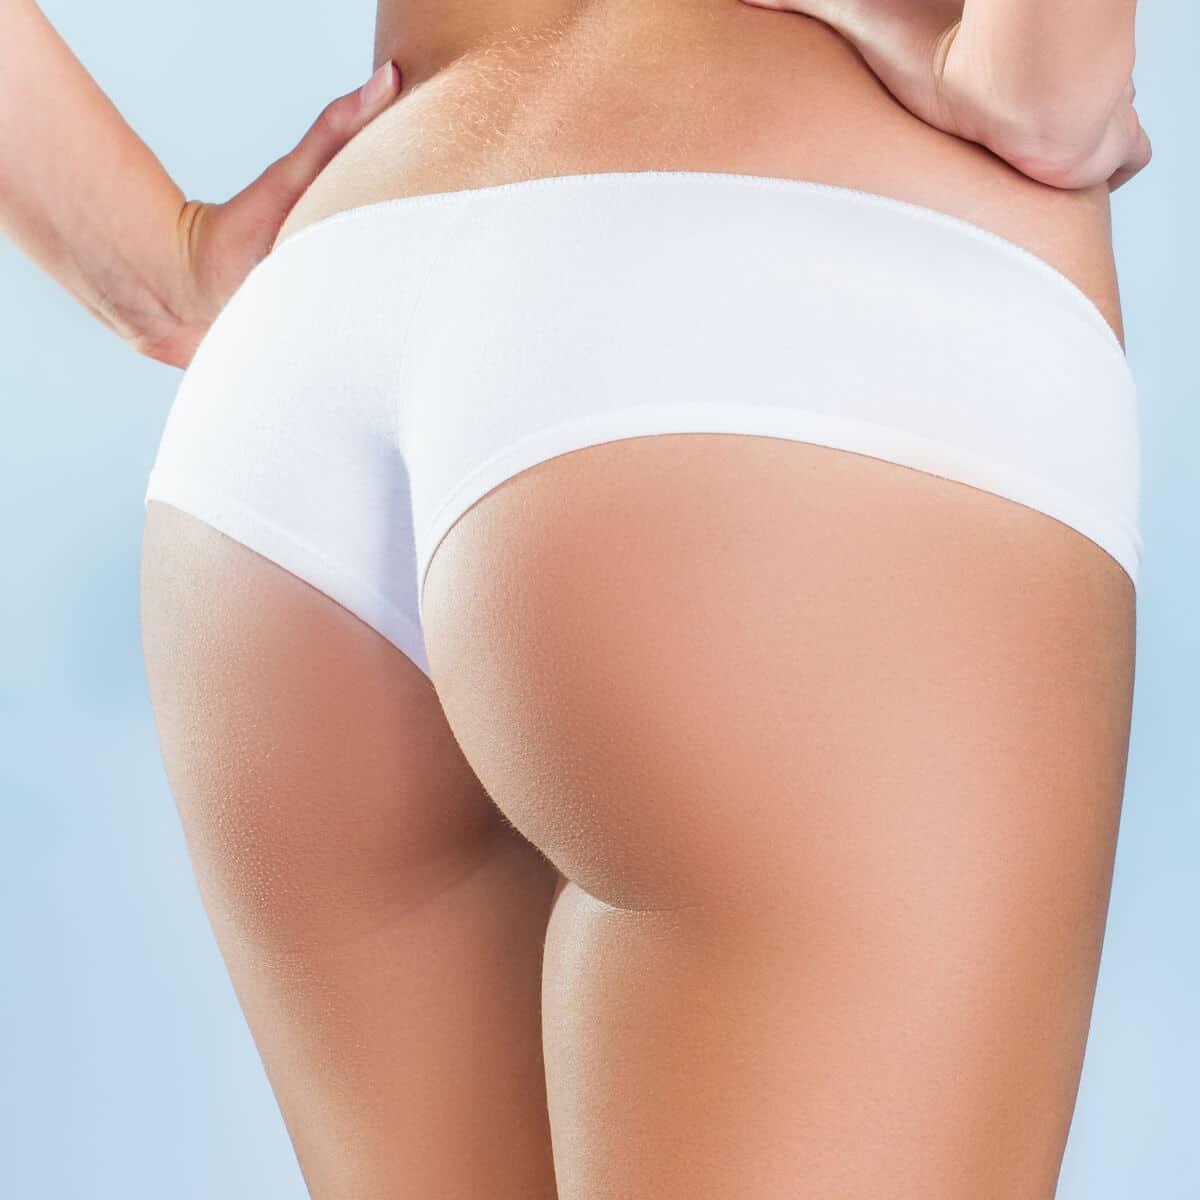 Lifting des fesses - Chirurgie de la silhouette